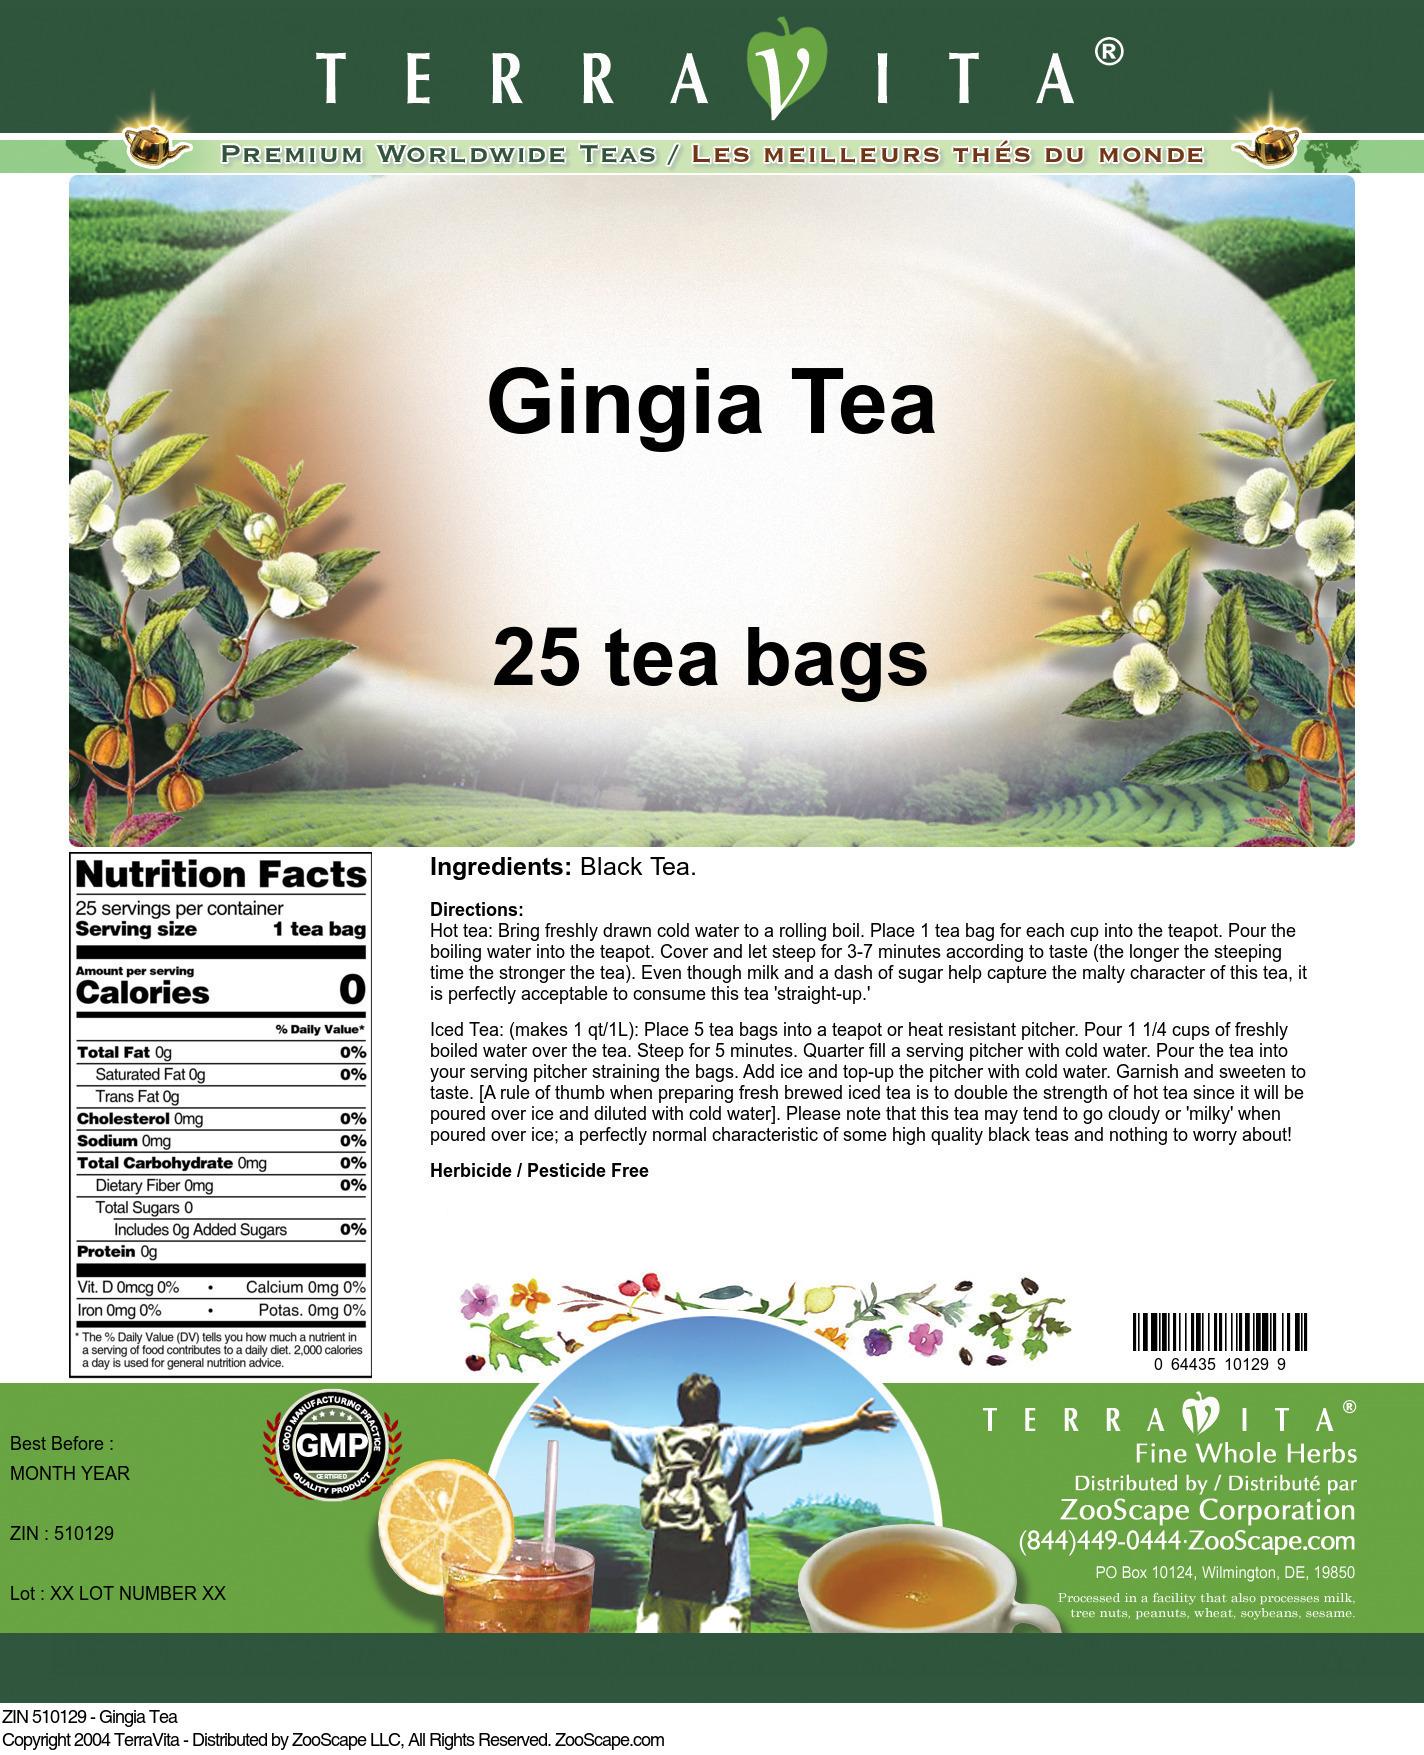 Gingia Tea